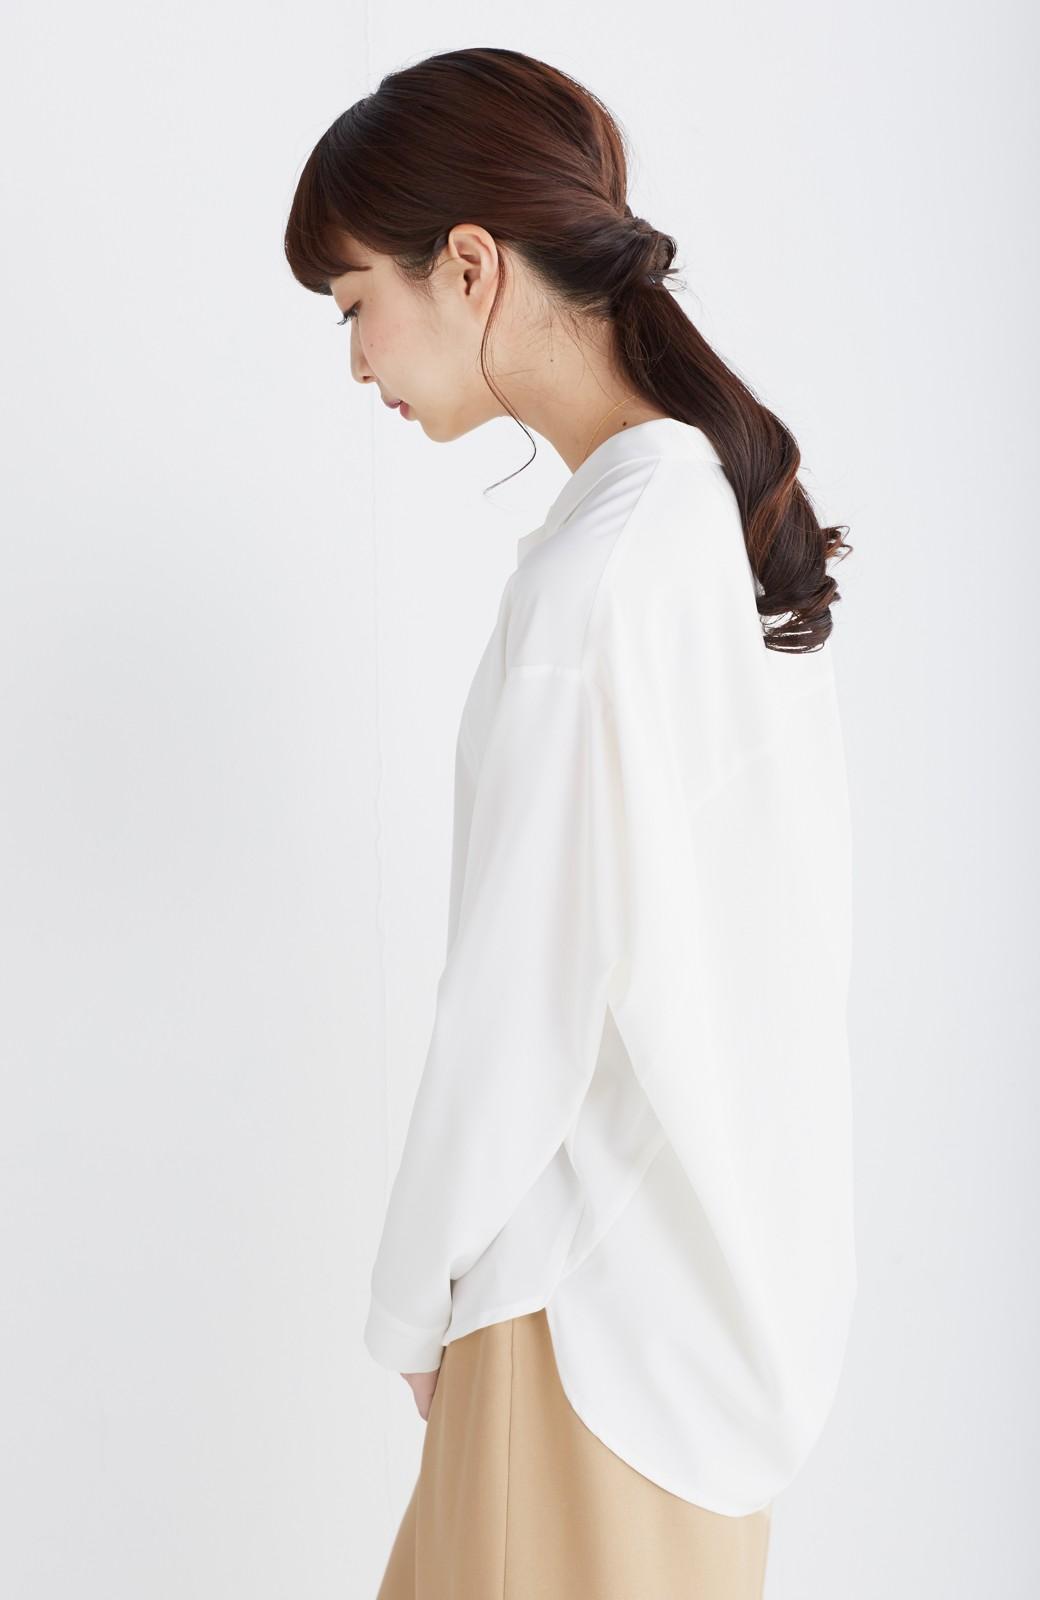 エムトロワ 女らしくてかっこいい スキッパー&抜き衿のとろみシャツ <ホワイト>の商品写真11